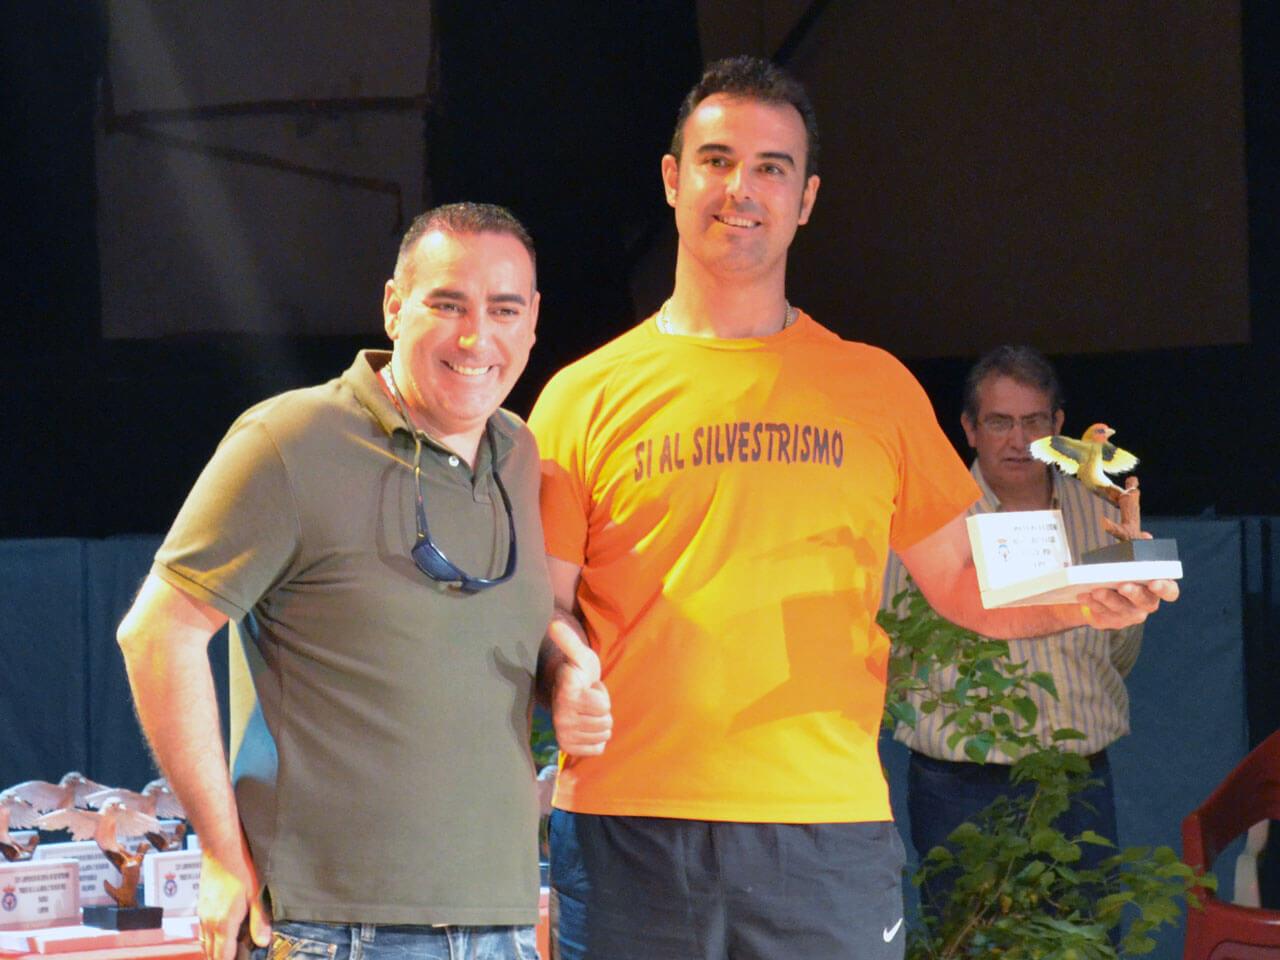 Campeonato España Cante 2018 - Lázaro Martin Subcampeon M Jilg